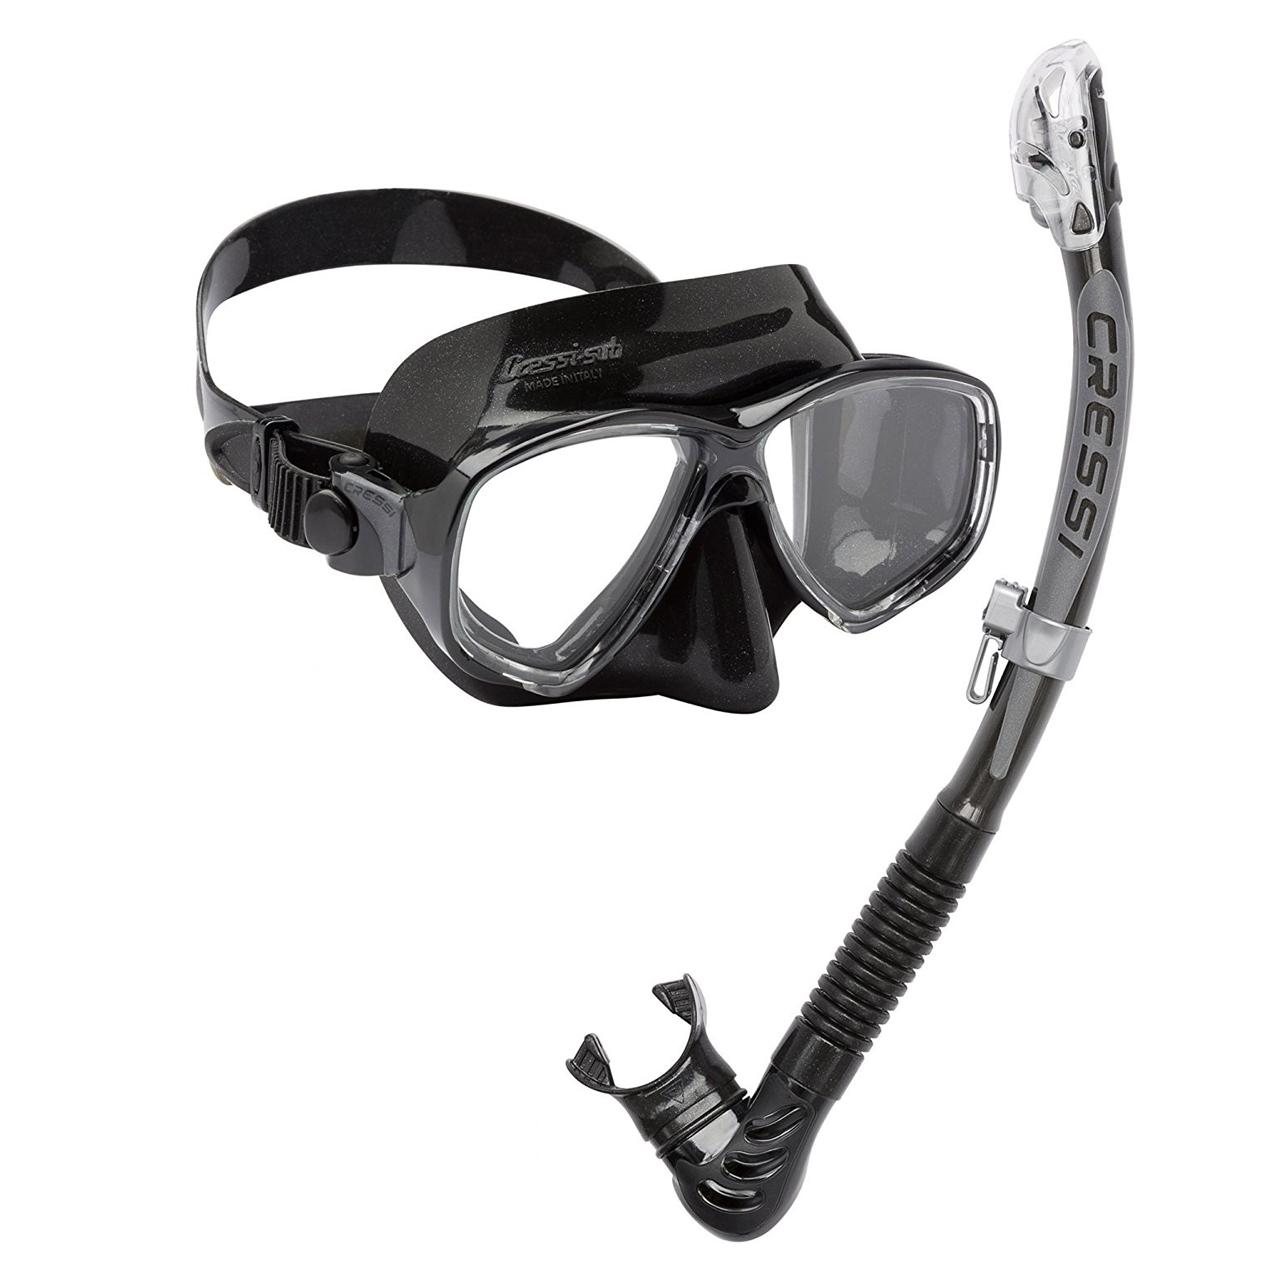 ماسک و اسنورکل شنا کرسی مدل MAREA DRY